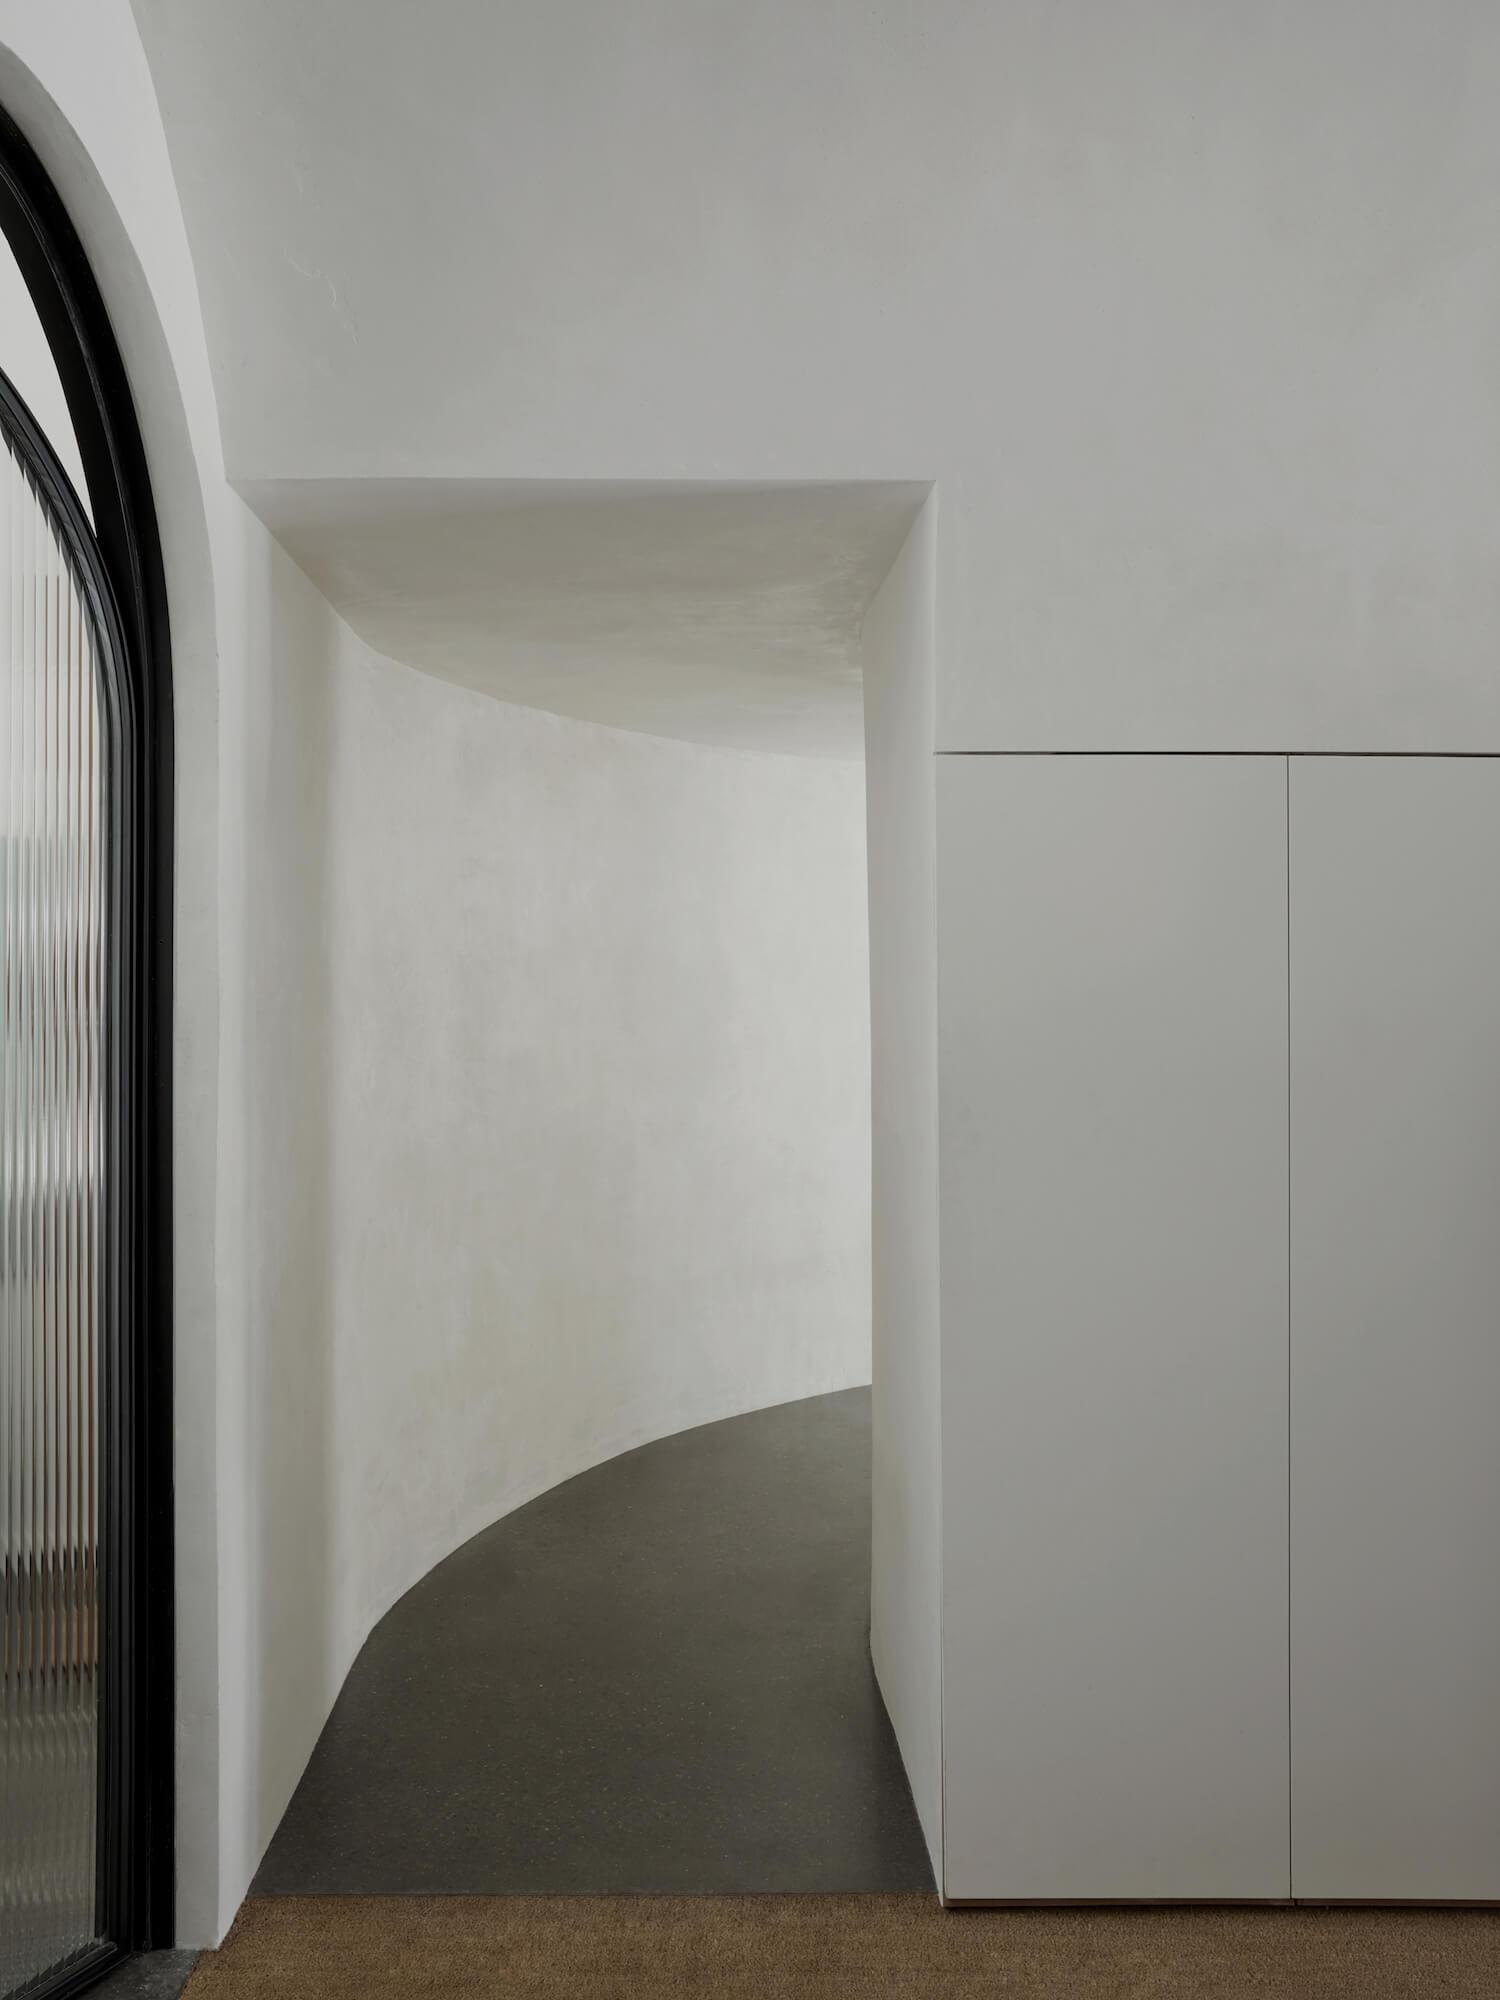 est living gathier residence atelier barda 13